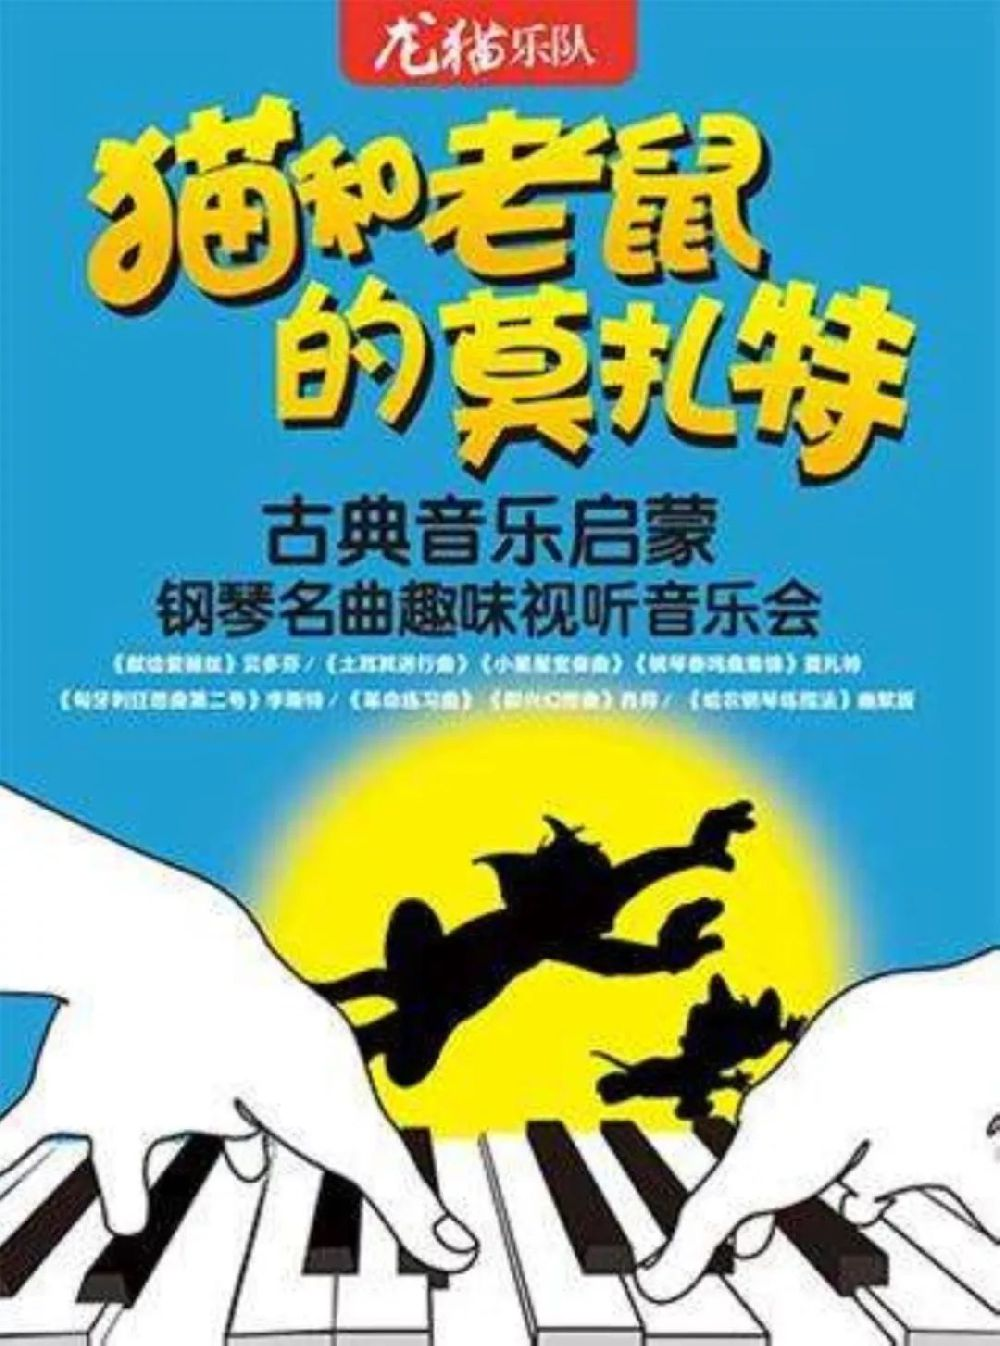 2018郑州古典音乐启蒙钢琴名曲趣味视听音乐会时间、地点